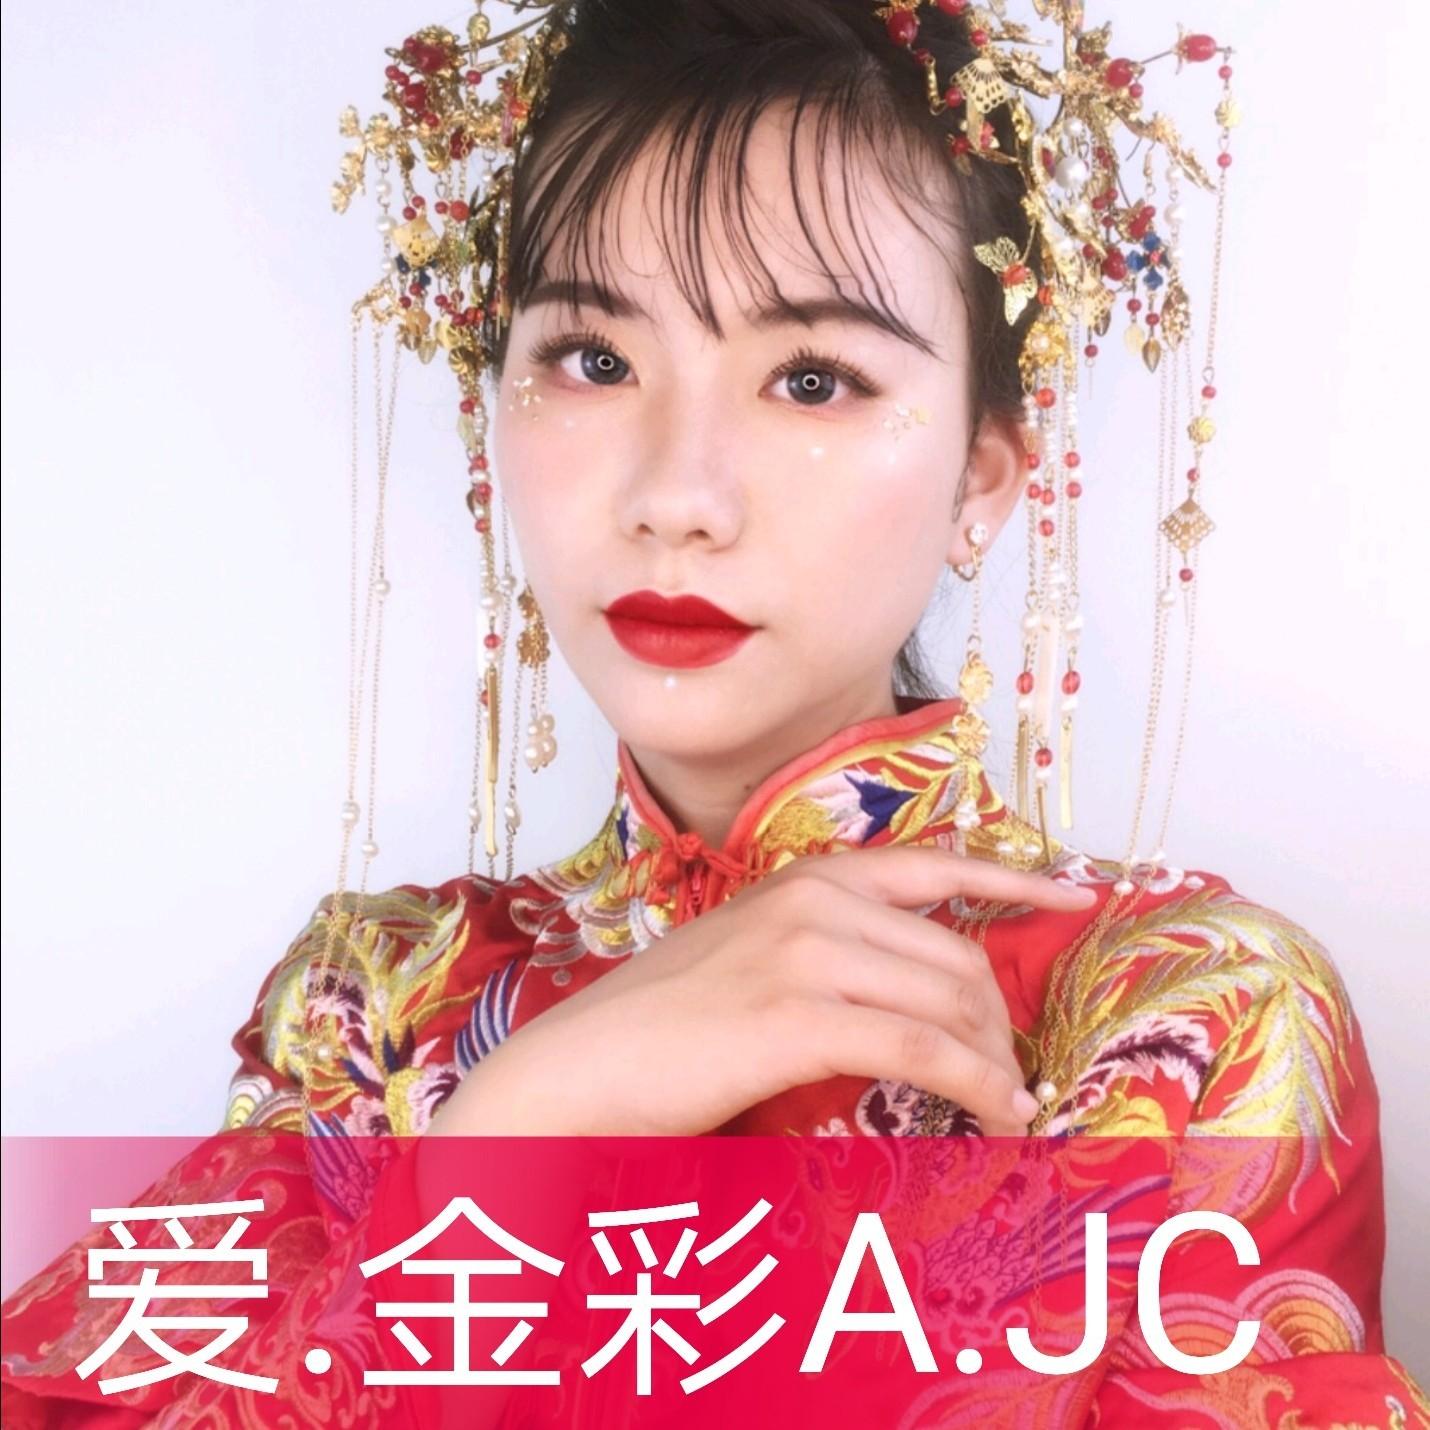 爱.金彩A.JC